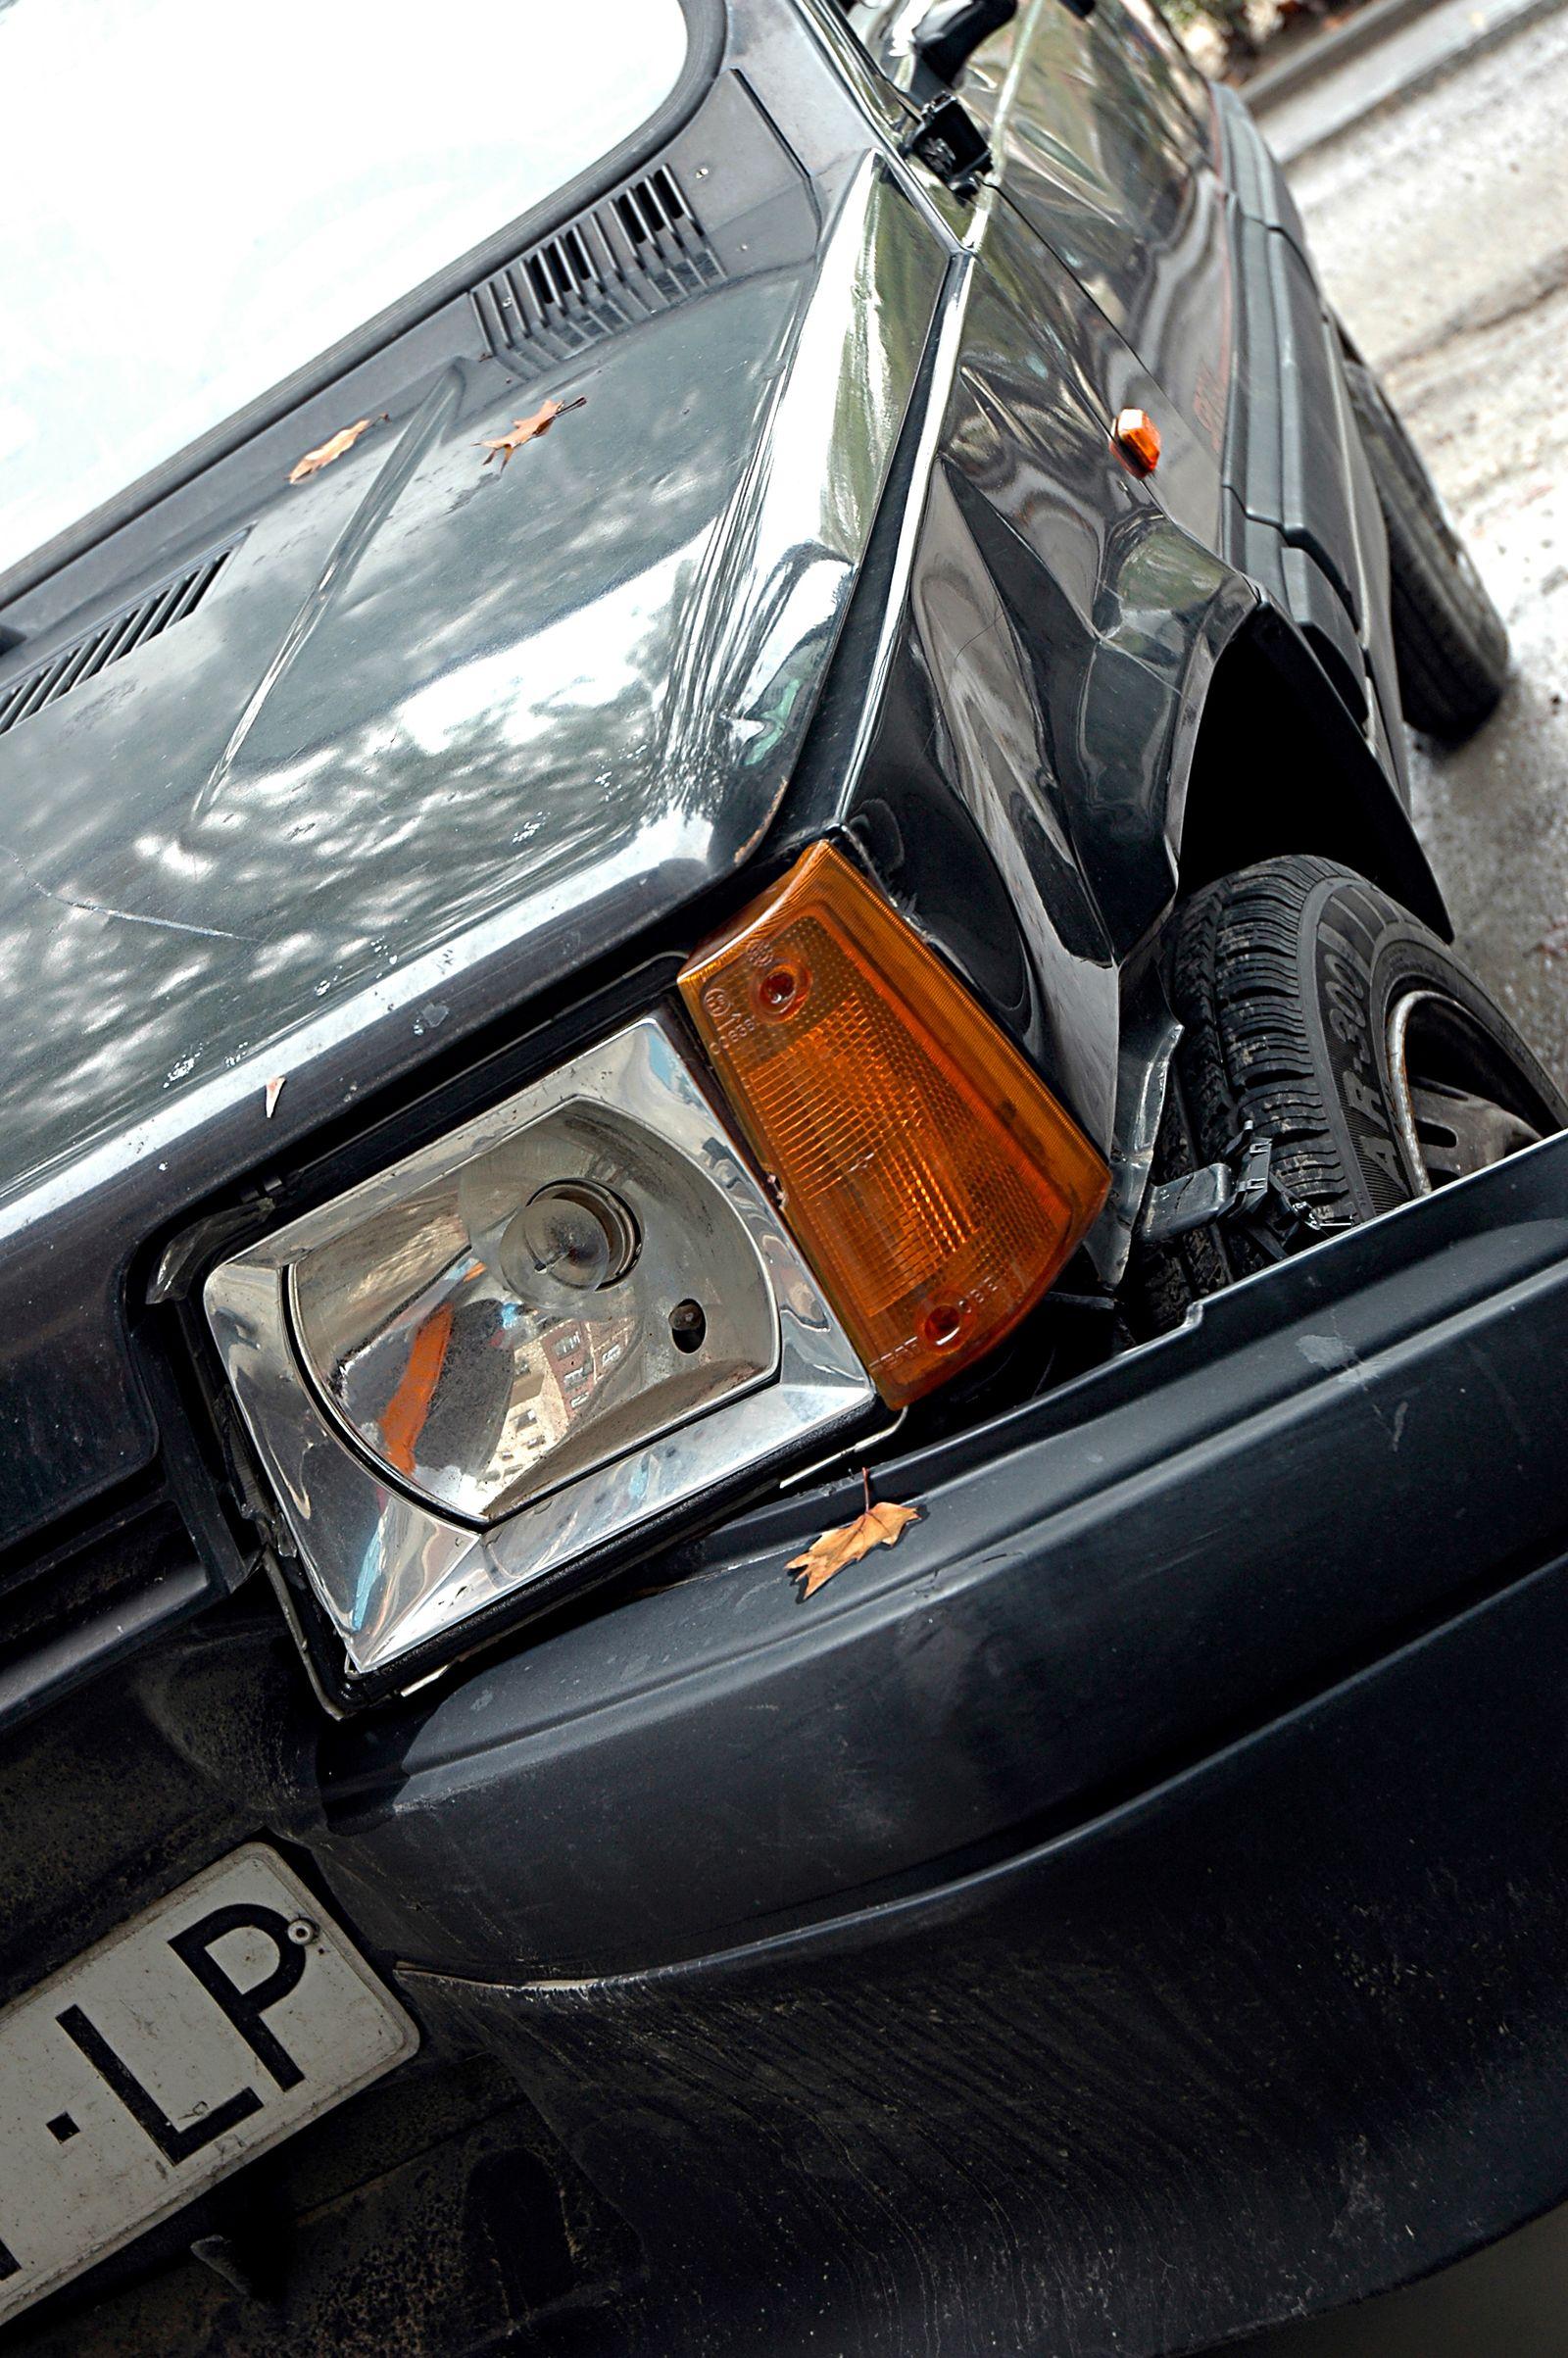 Symboldbild Autounfall / Verkehrunfall / Fahrerflucht / Lackkratzer / Stoßstange